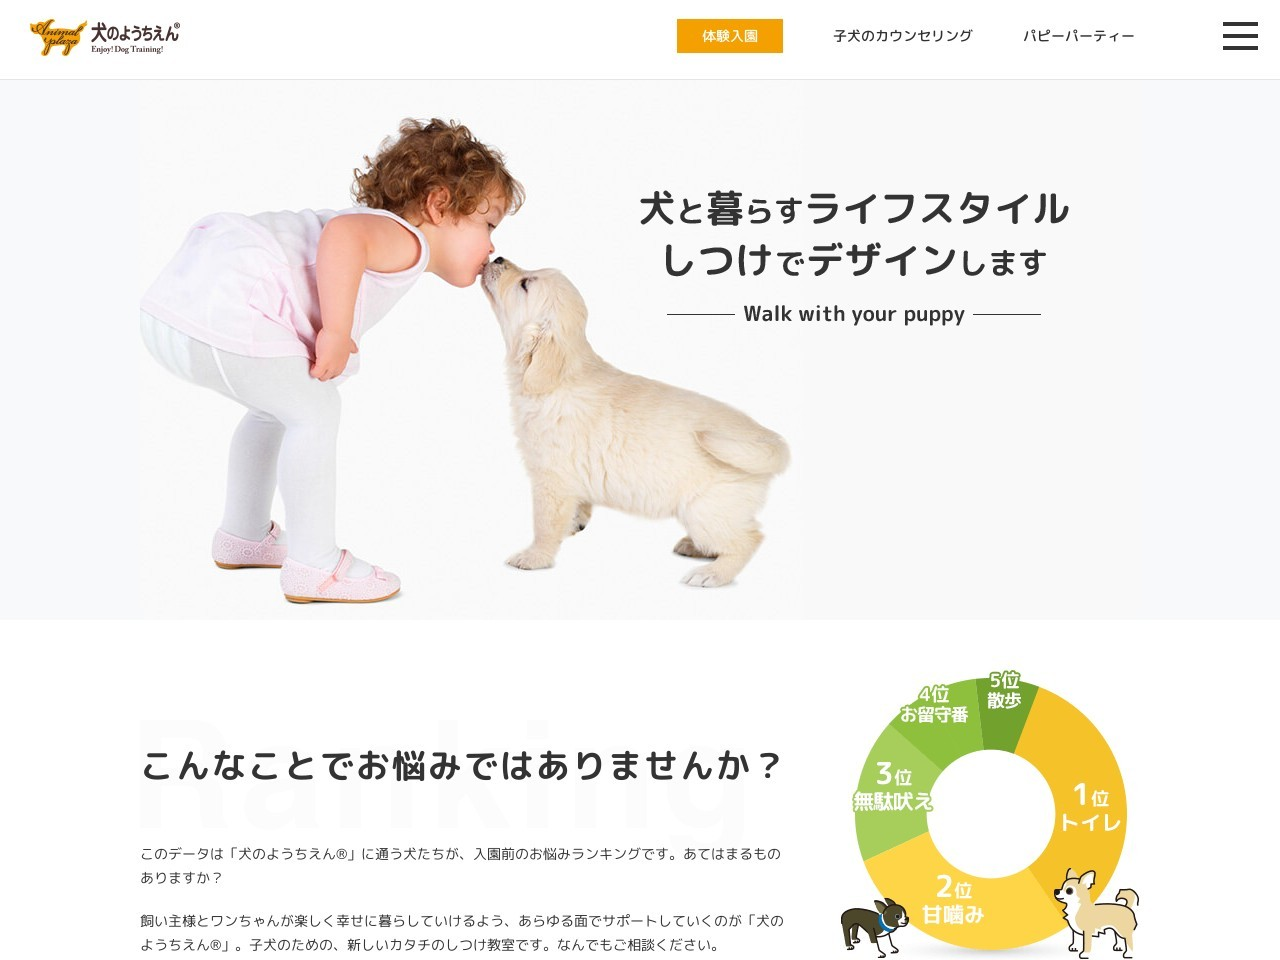 アニマルプラザ犬のようちえん大阪堀江教室